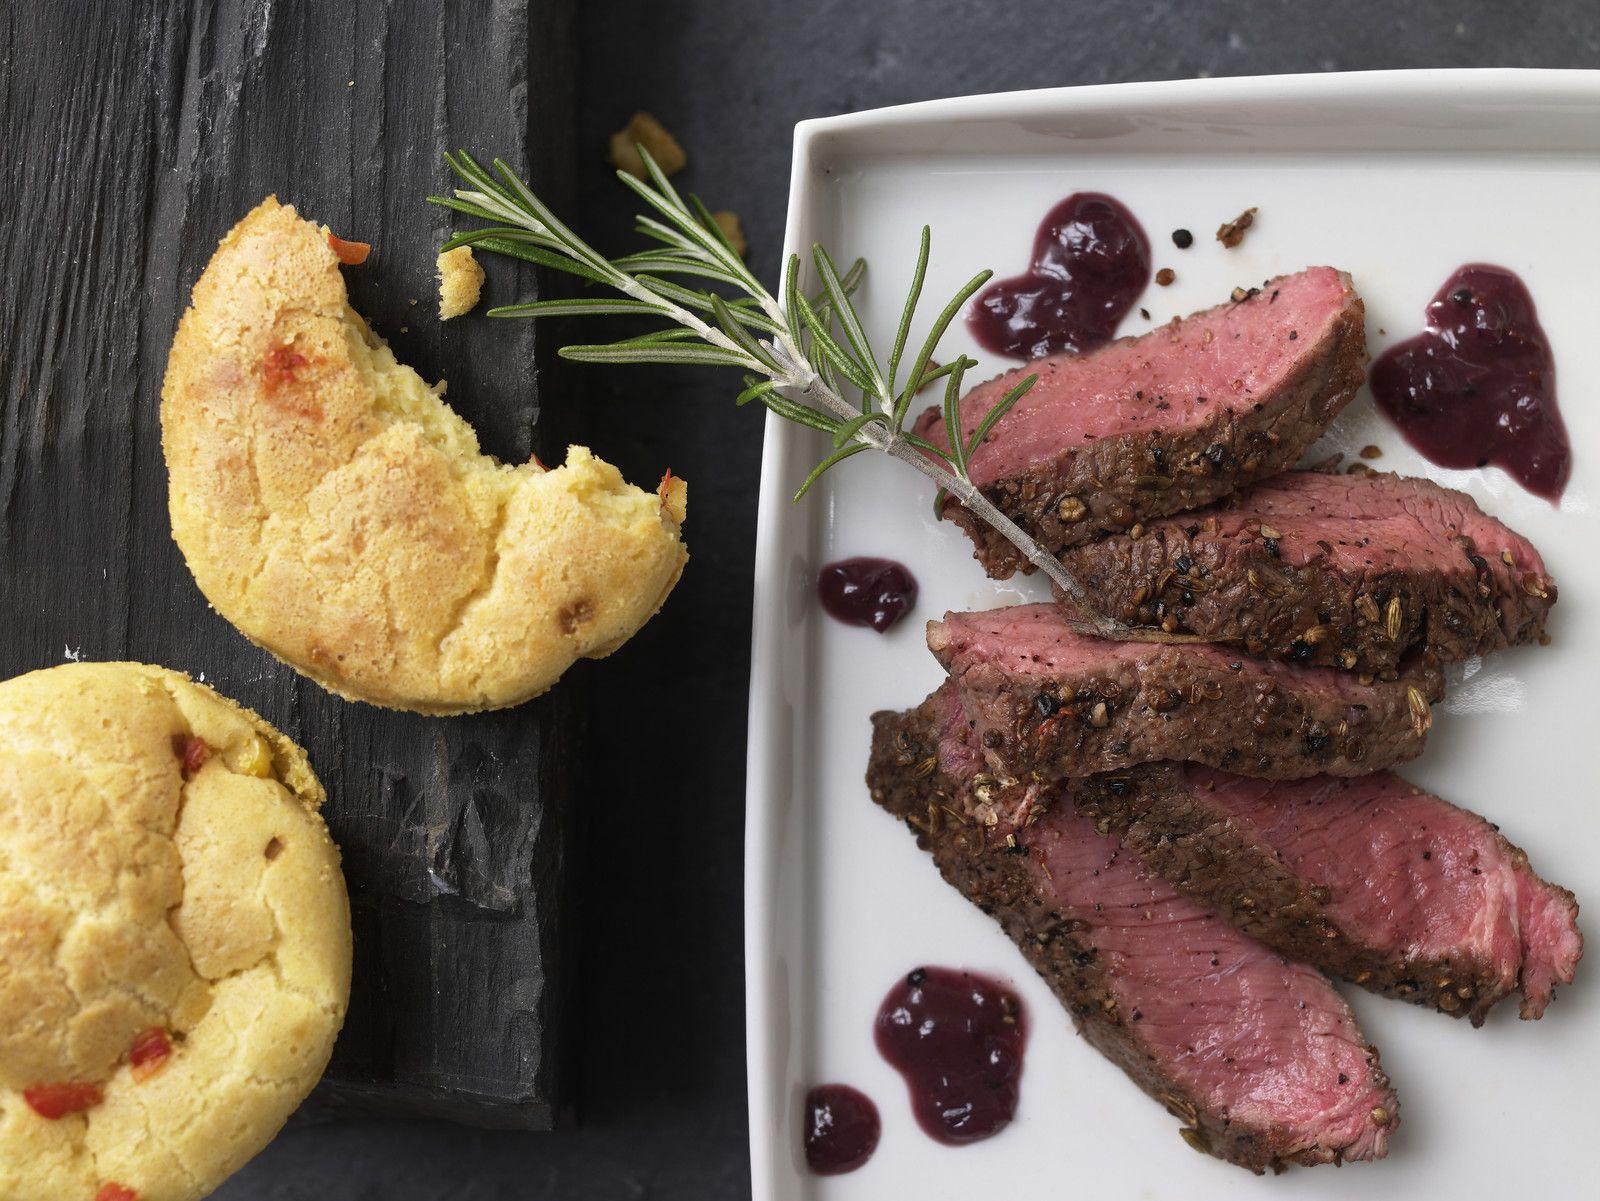 Weihnachtsessen Fleisch.Steak In Der Gewürzkruste